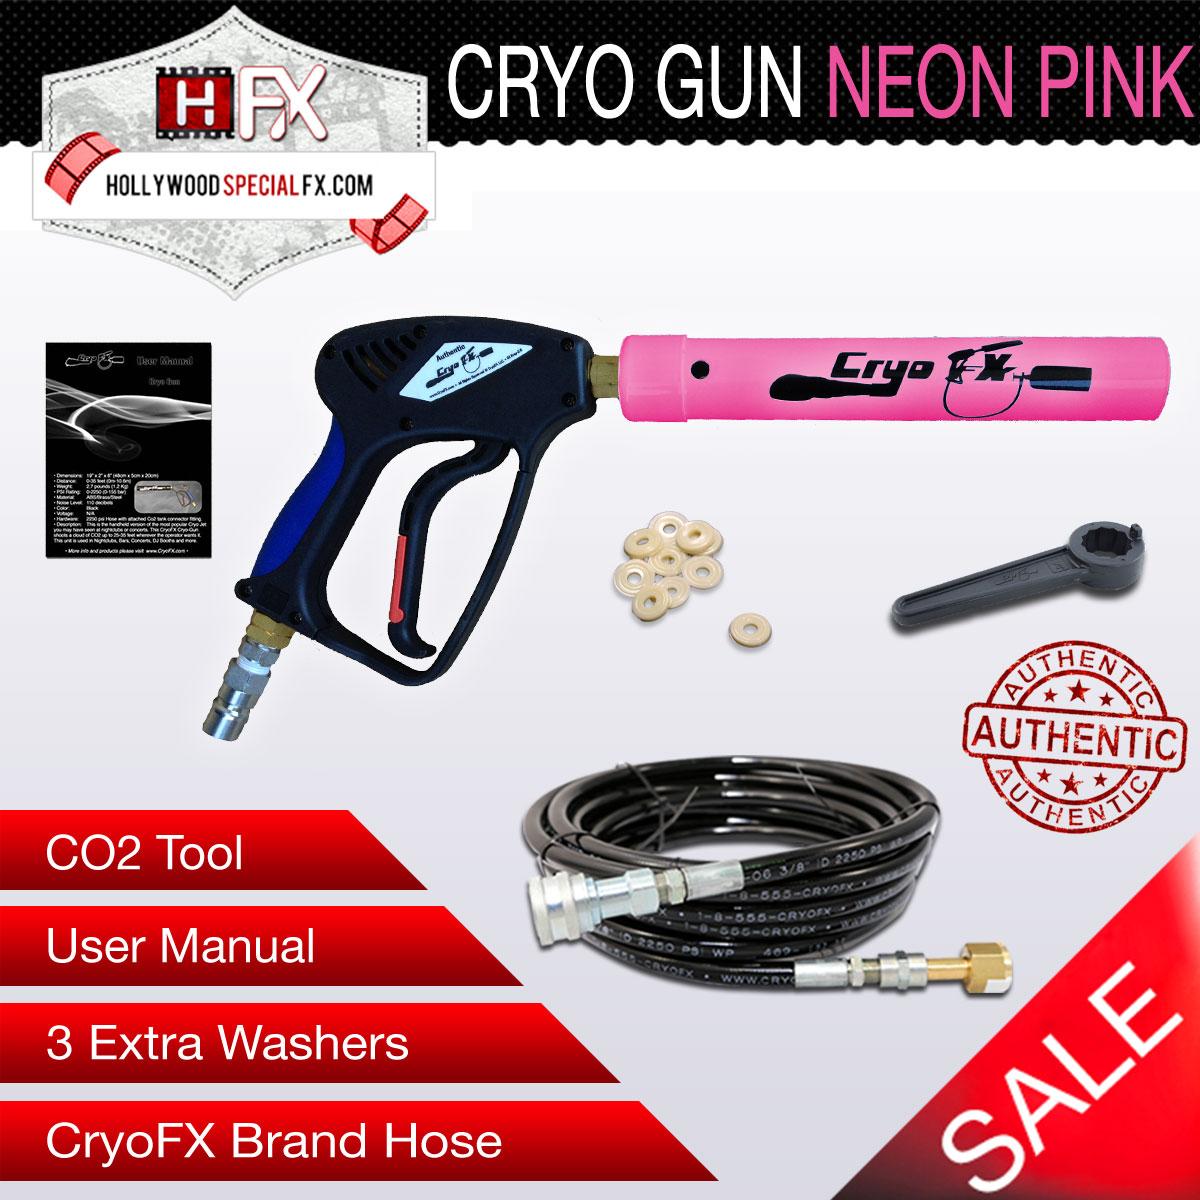 Cryo Gun NEON Pink